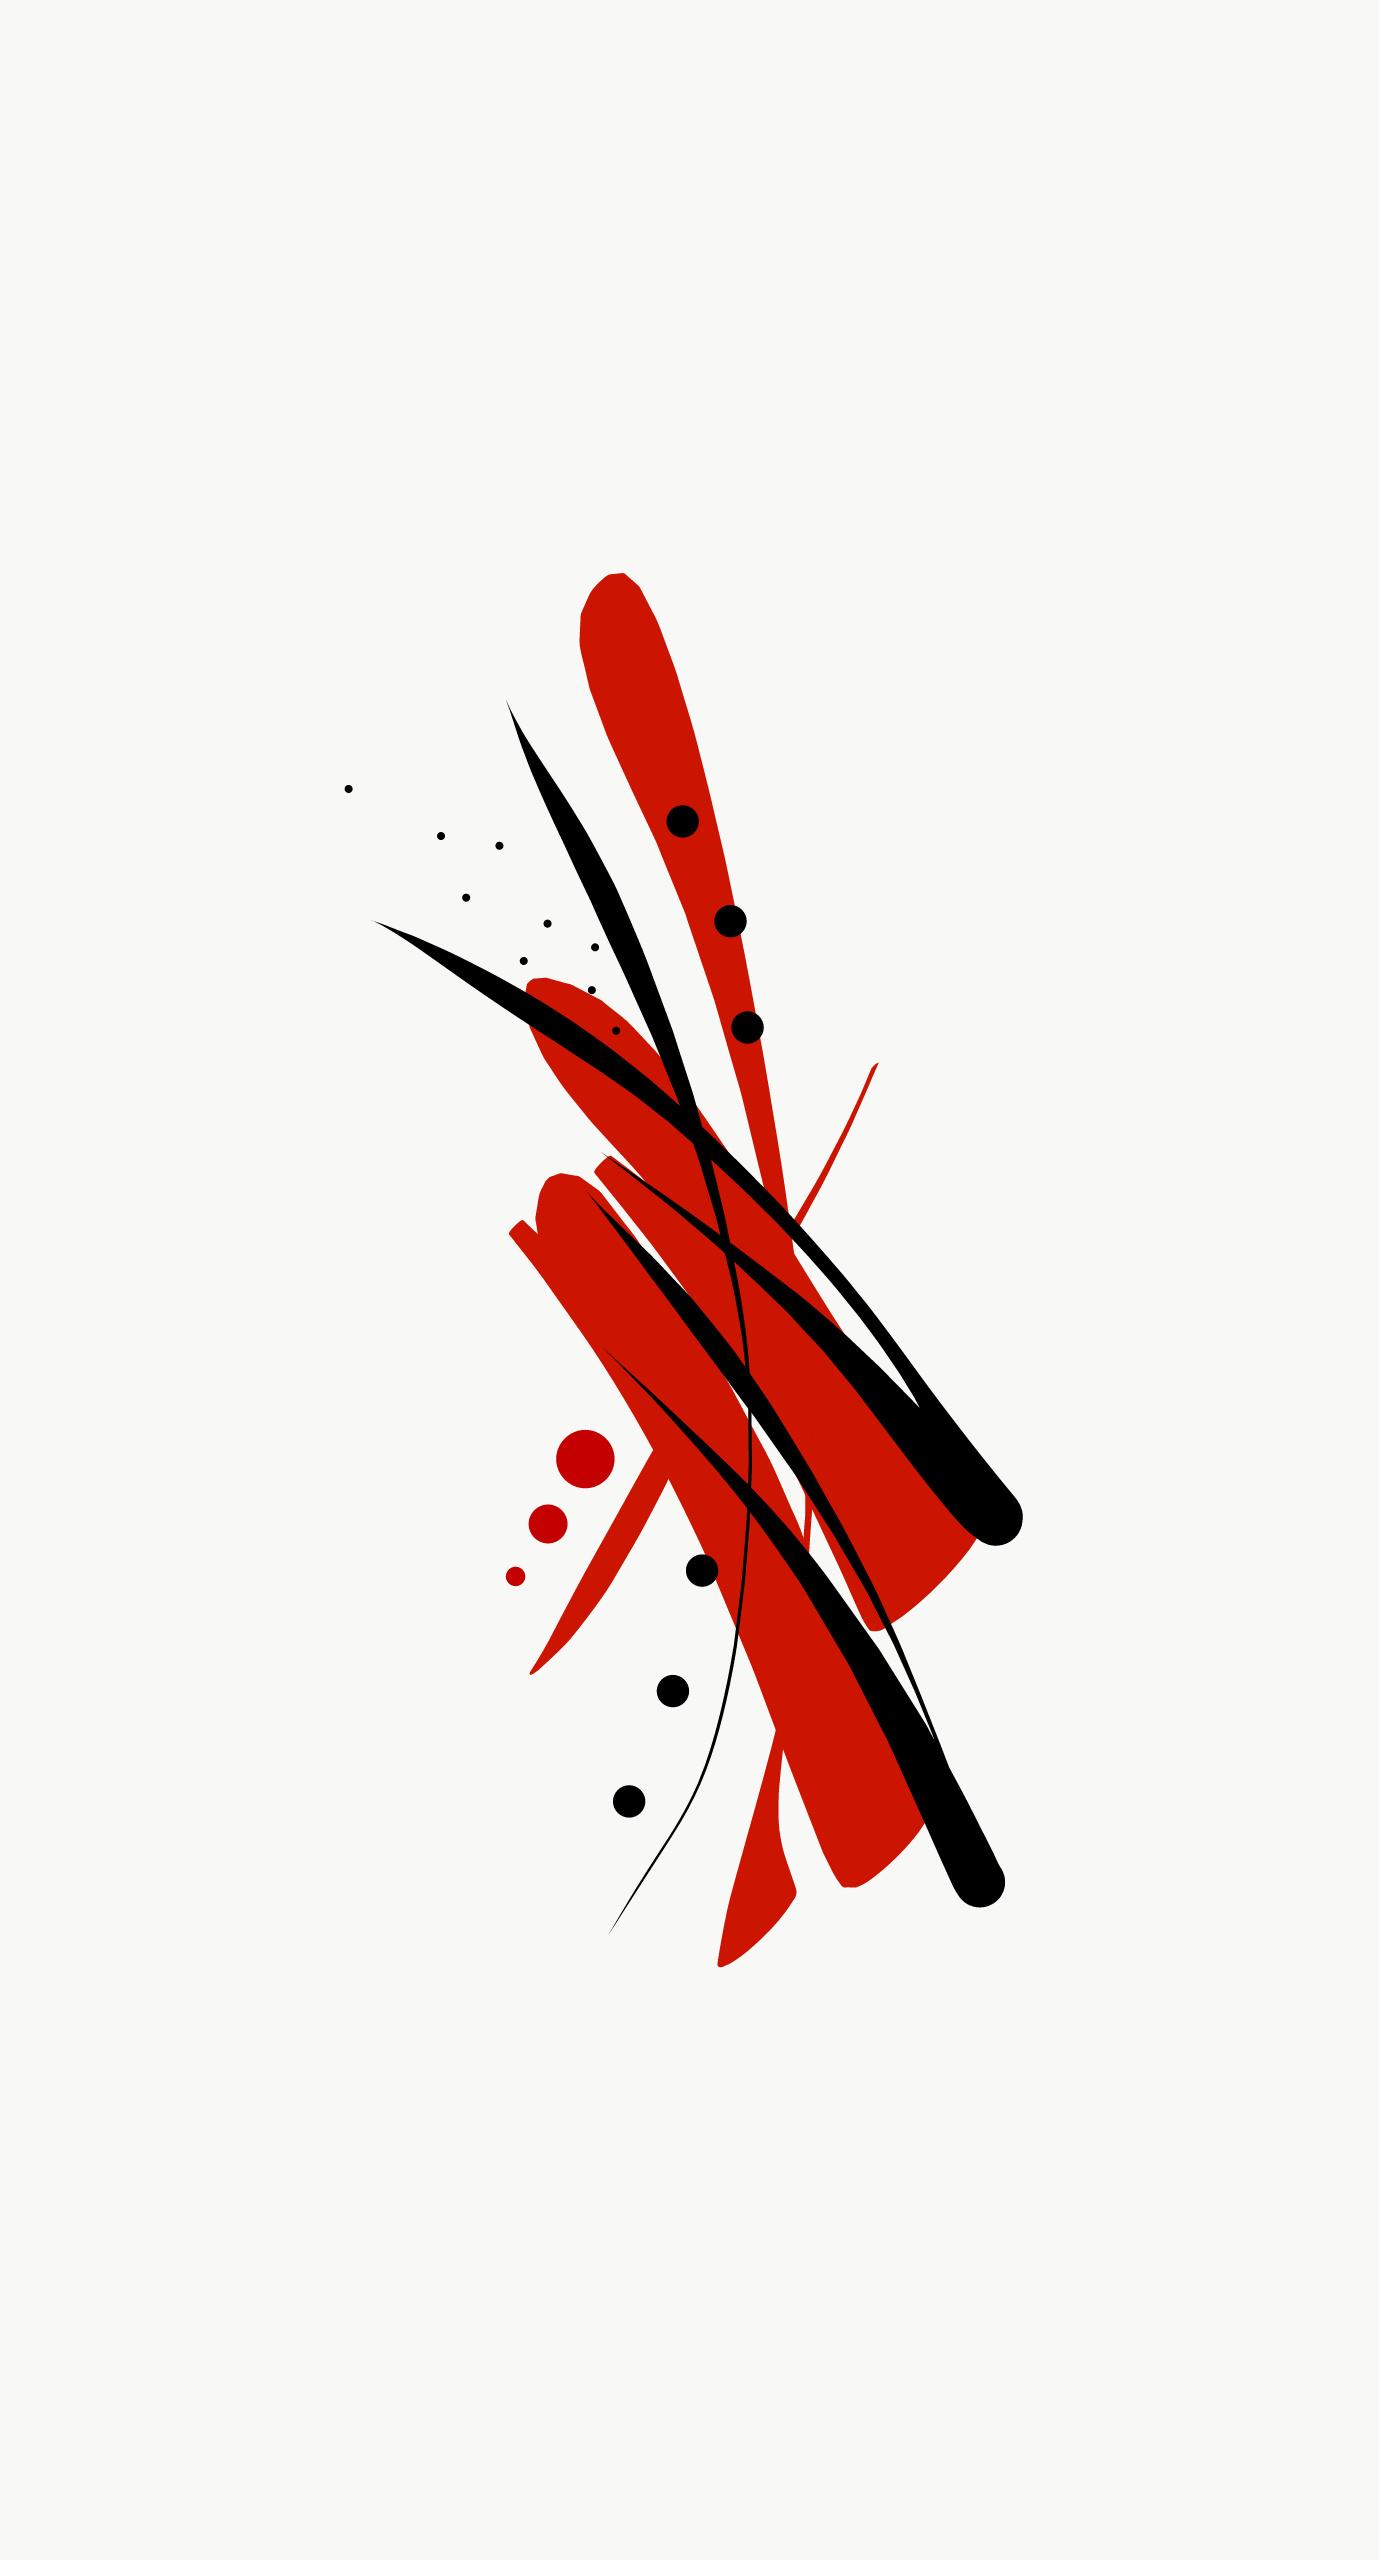 Lera Ec1air. Abstract logo